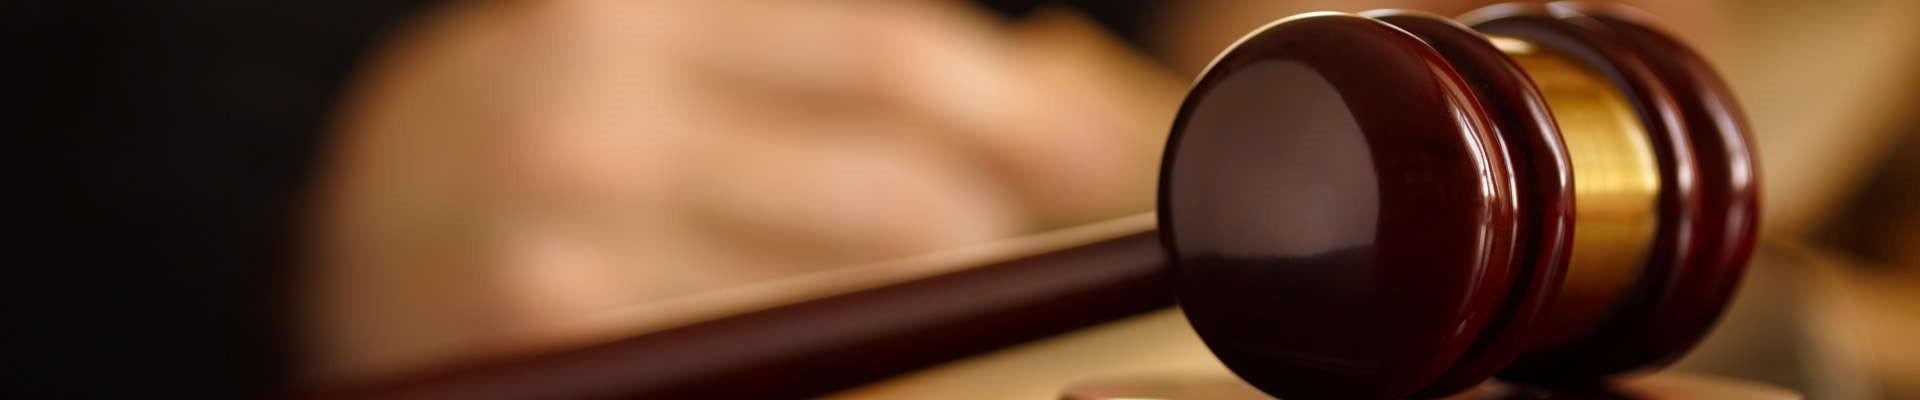 Uyuşmazlık önleyici hukuk hizmetleri